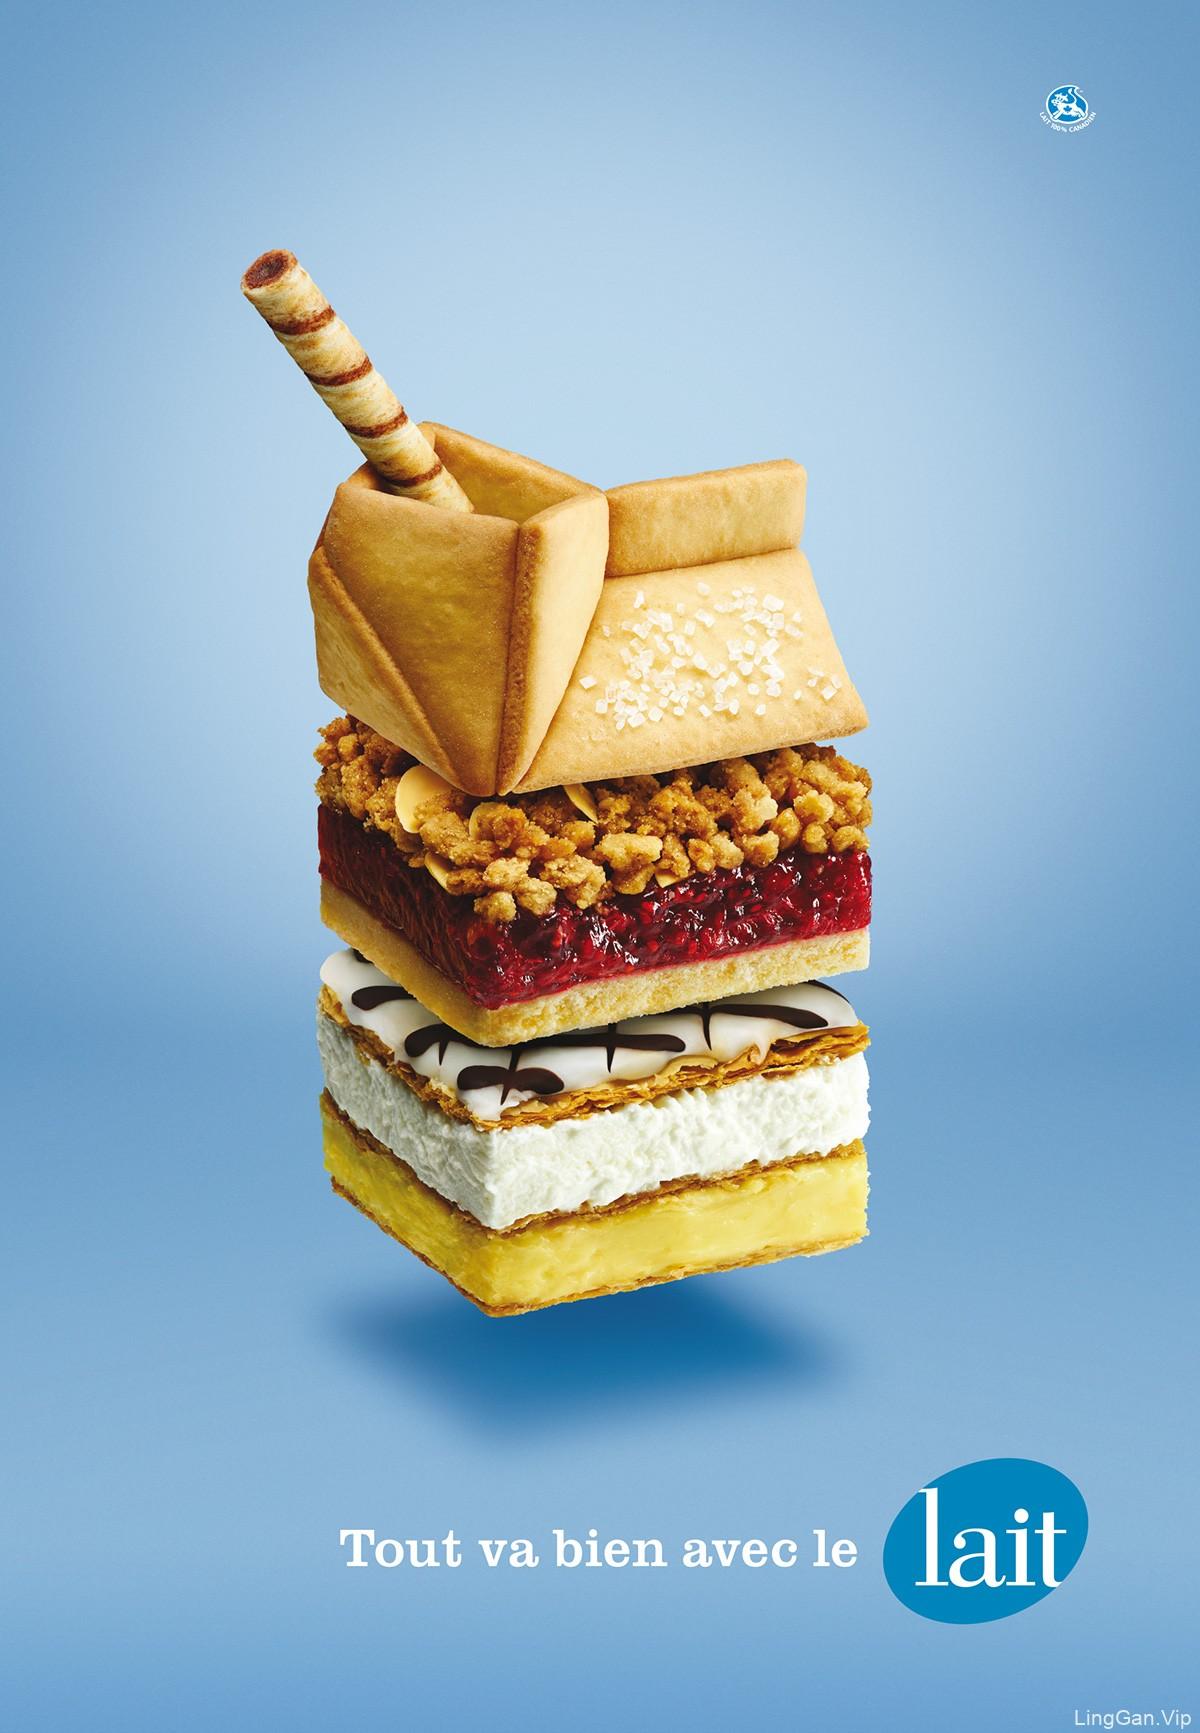 饼干广告海报